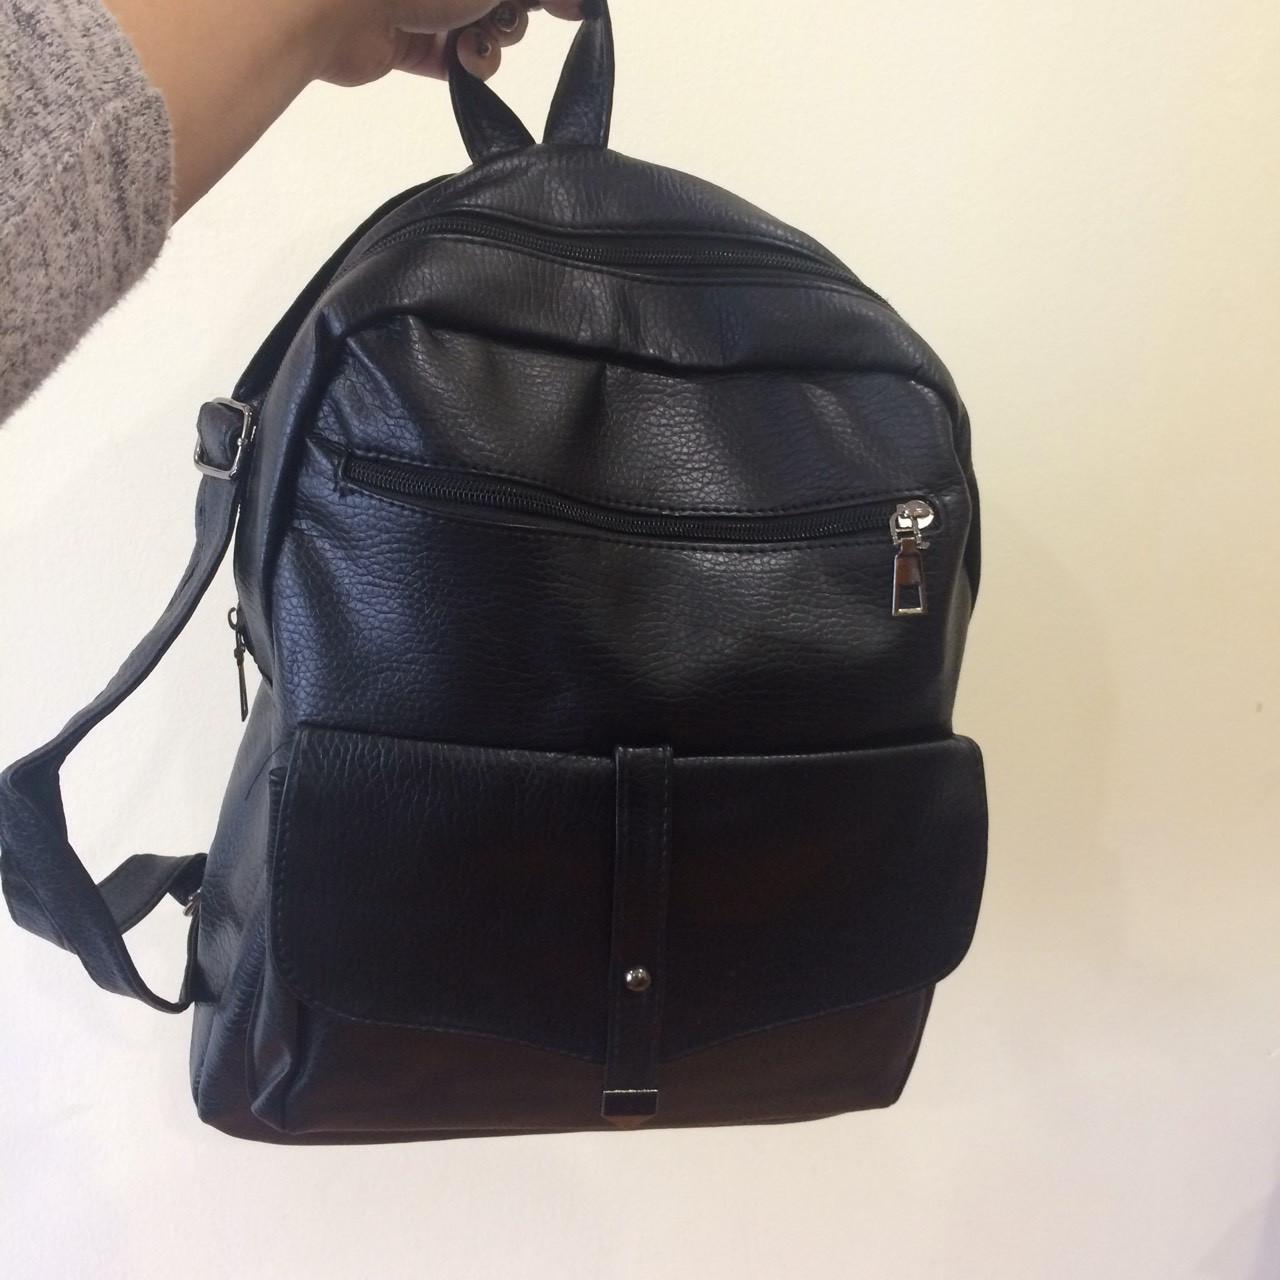 Рюкзаки молодёжные дешево рюкзаки dicom